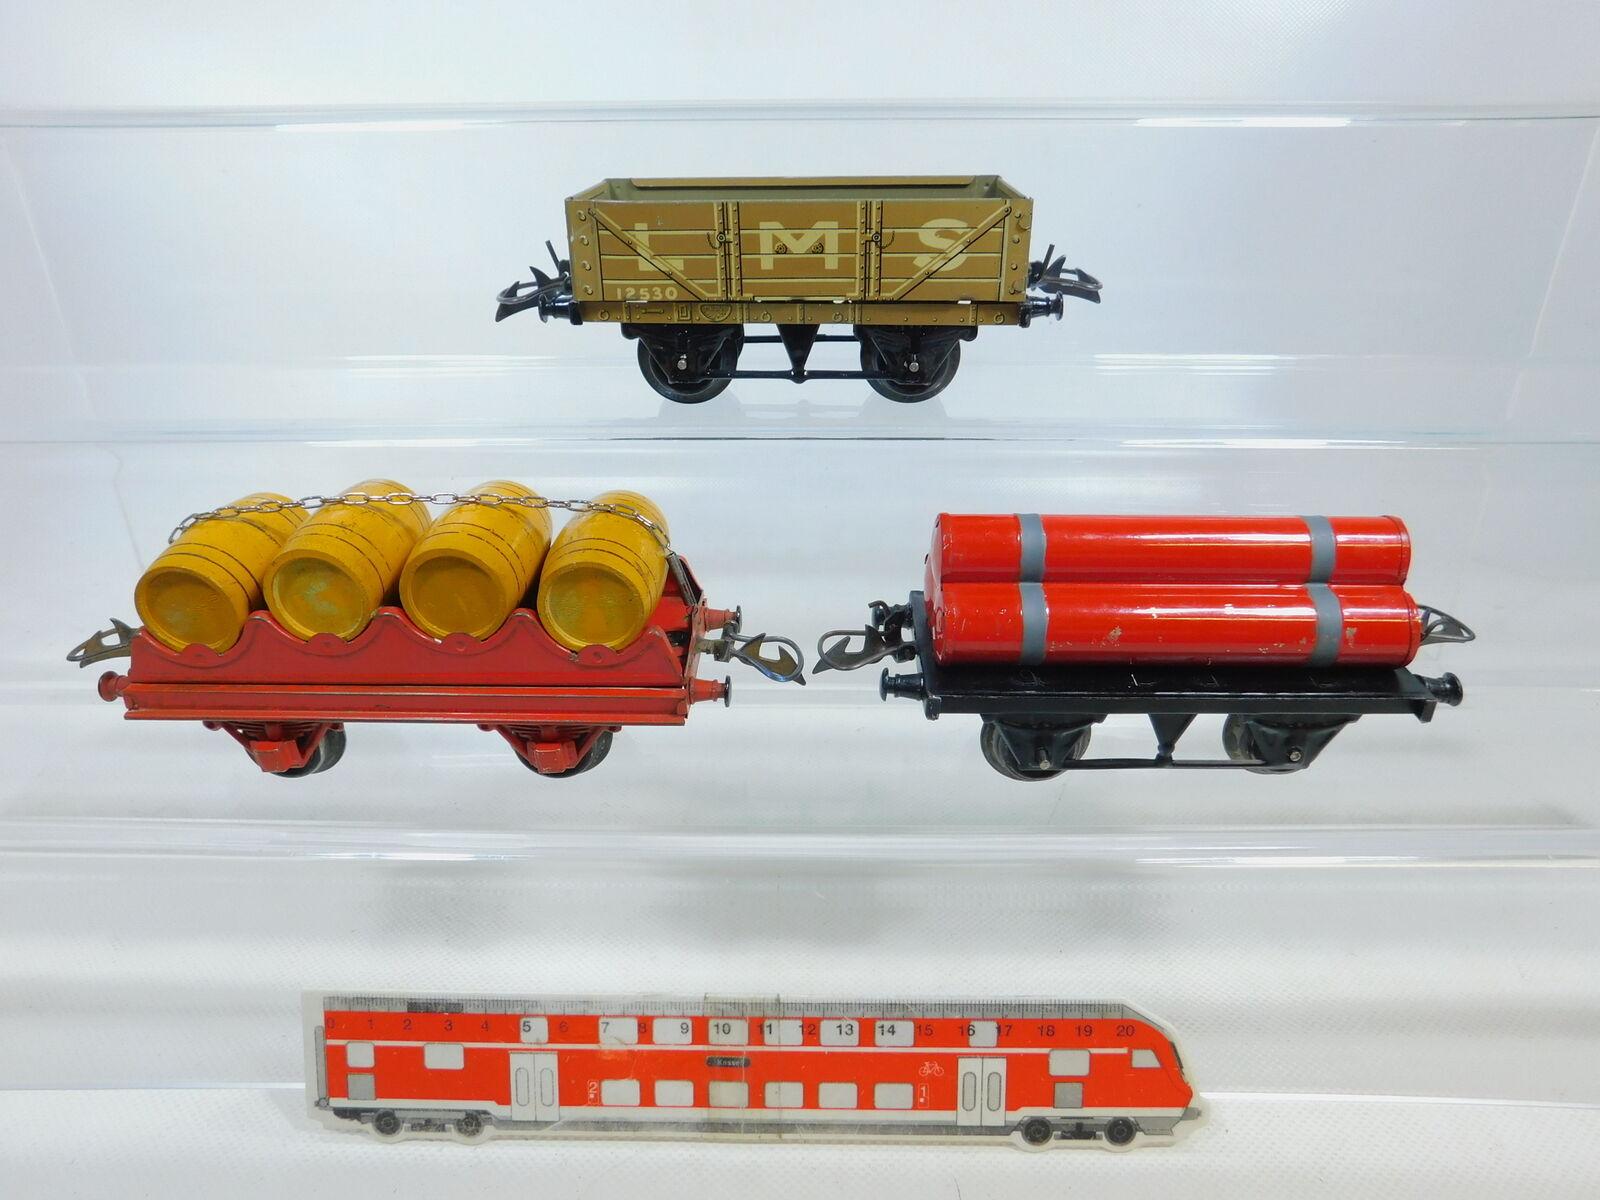 BY812-1  3x Hornby Escala 0 Vagón de Mercancía  Lms 12530 + con Barriles Vino